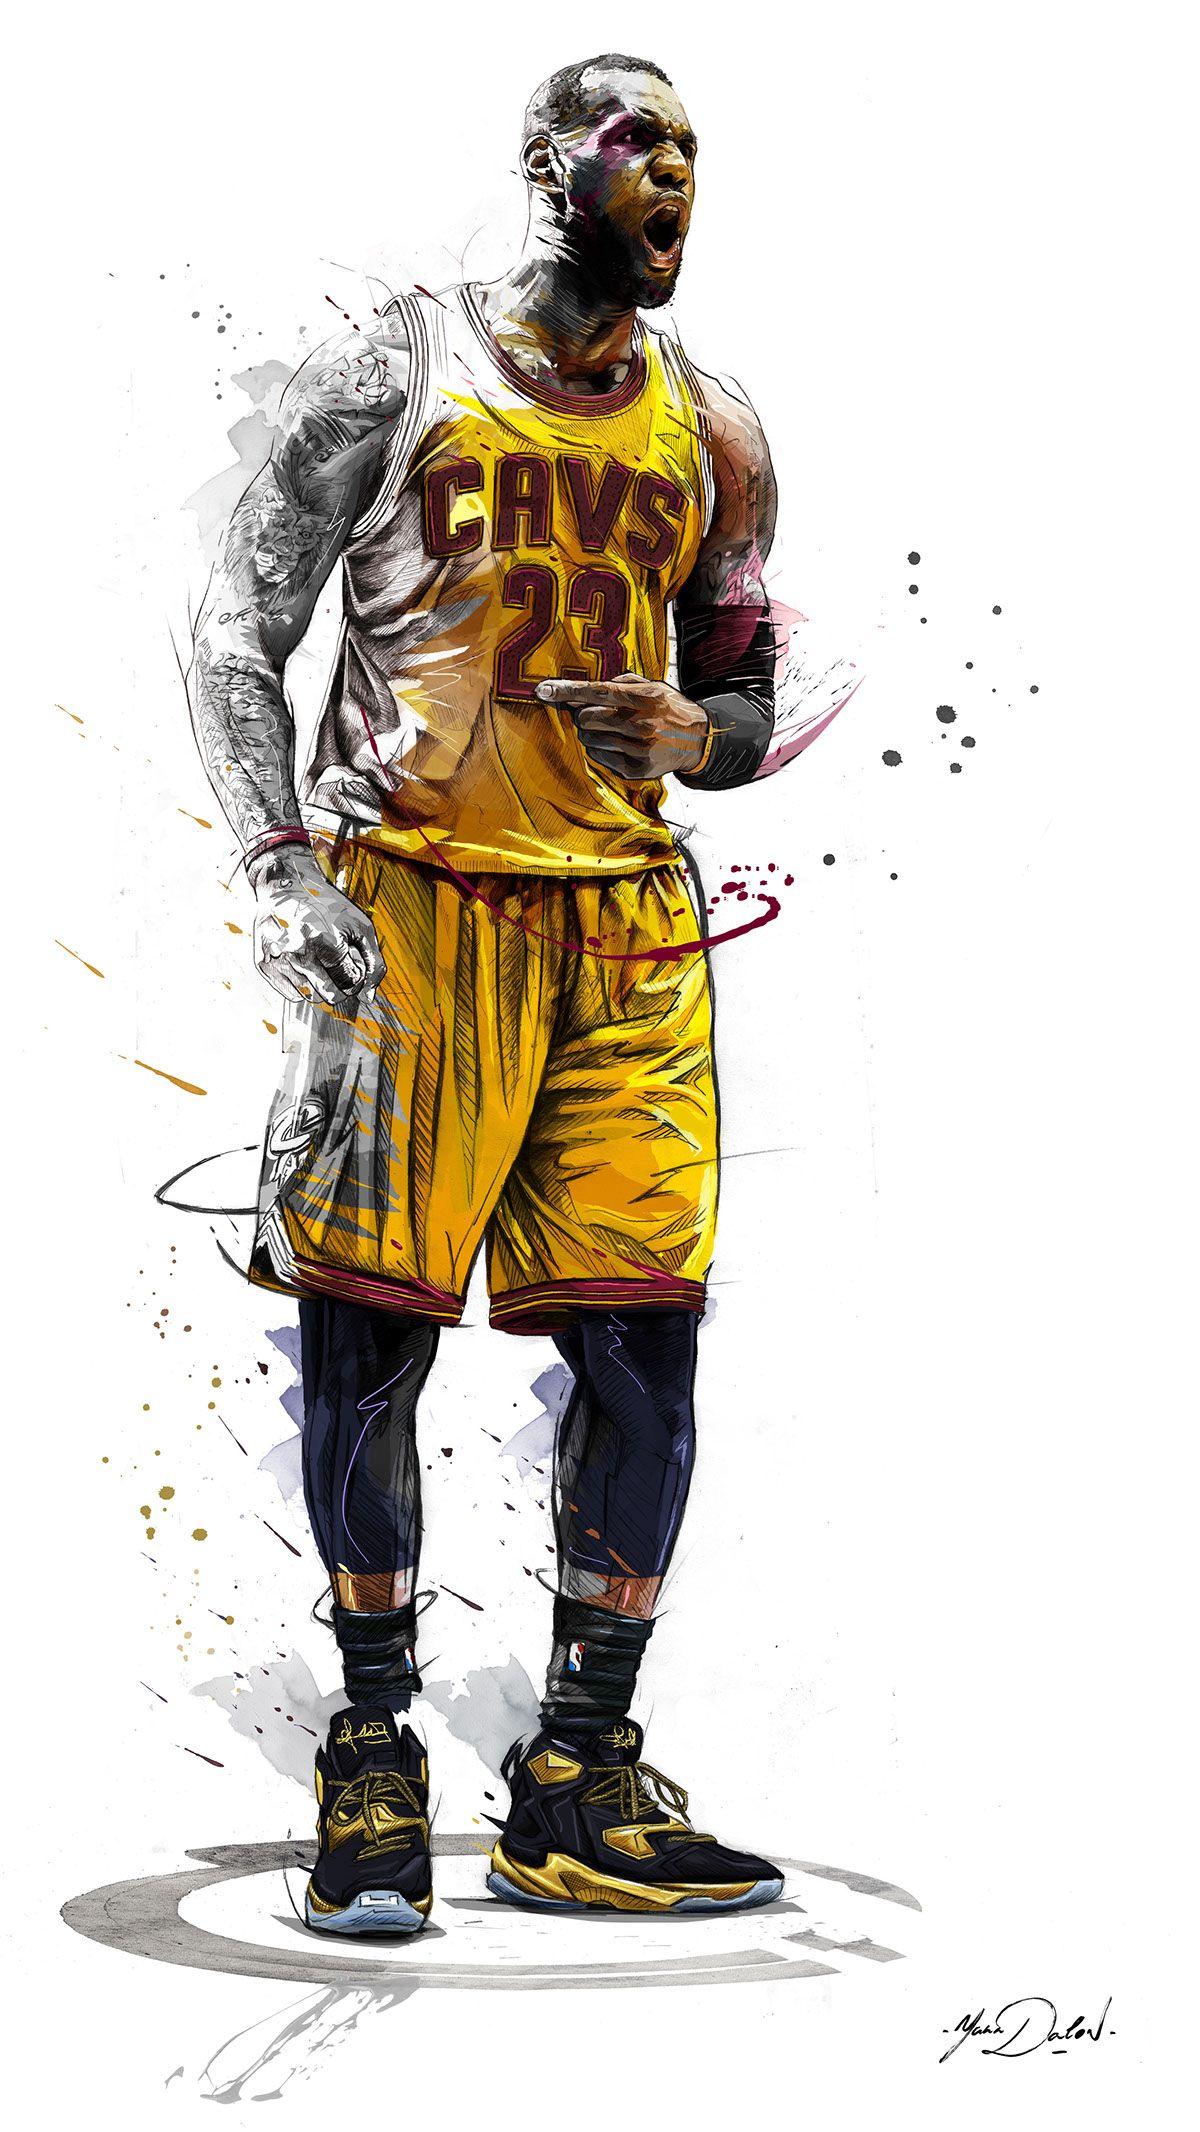 https://www.behance.net/gallery/38598517/NBA-ENTERBAY